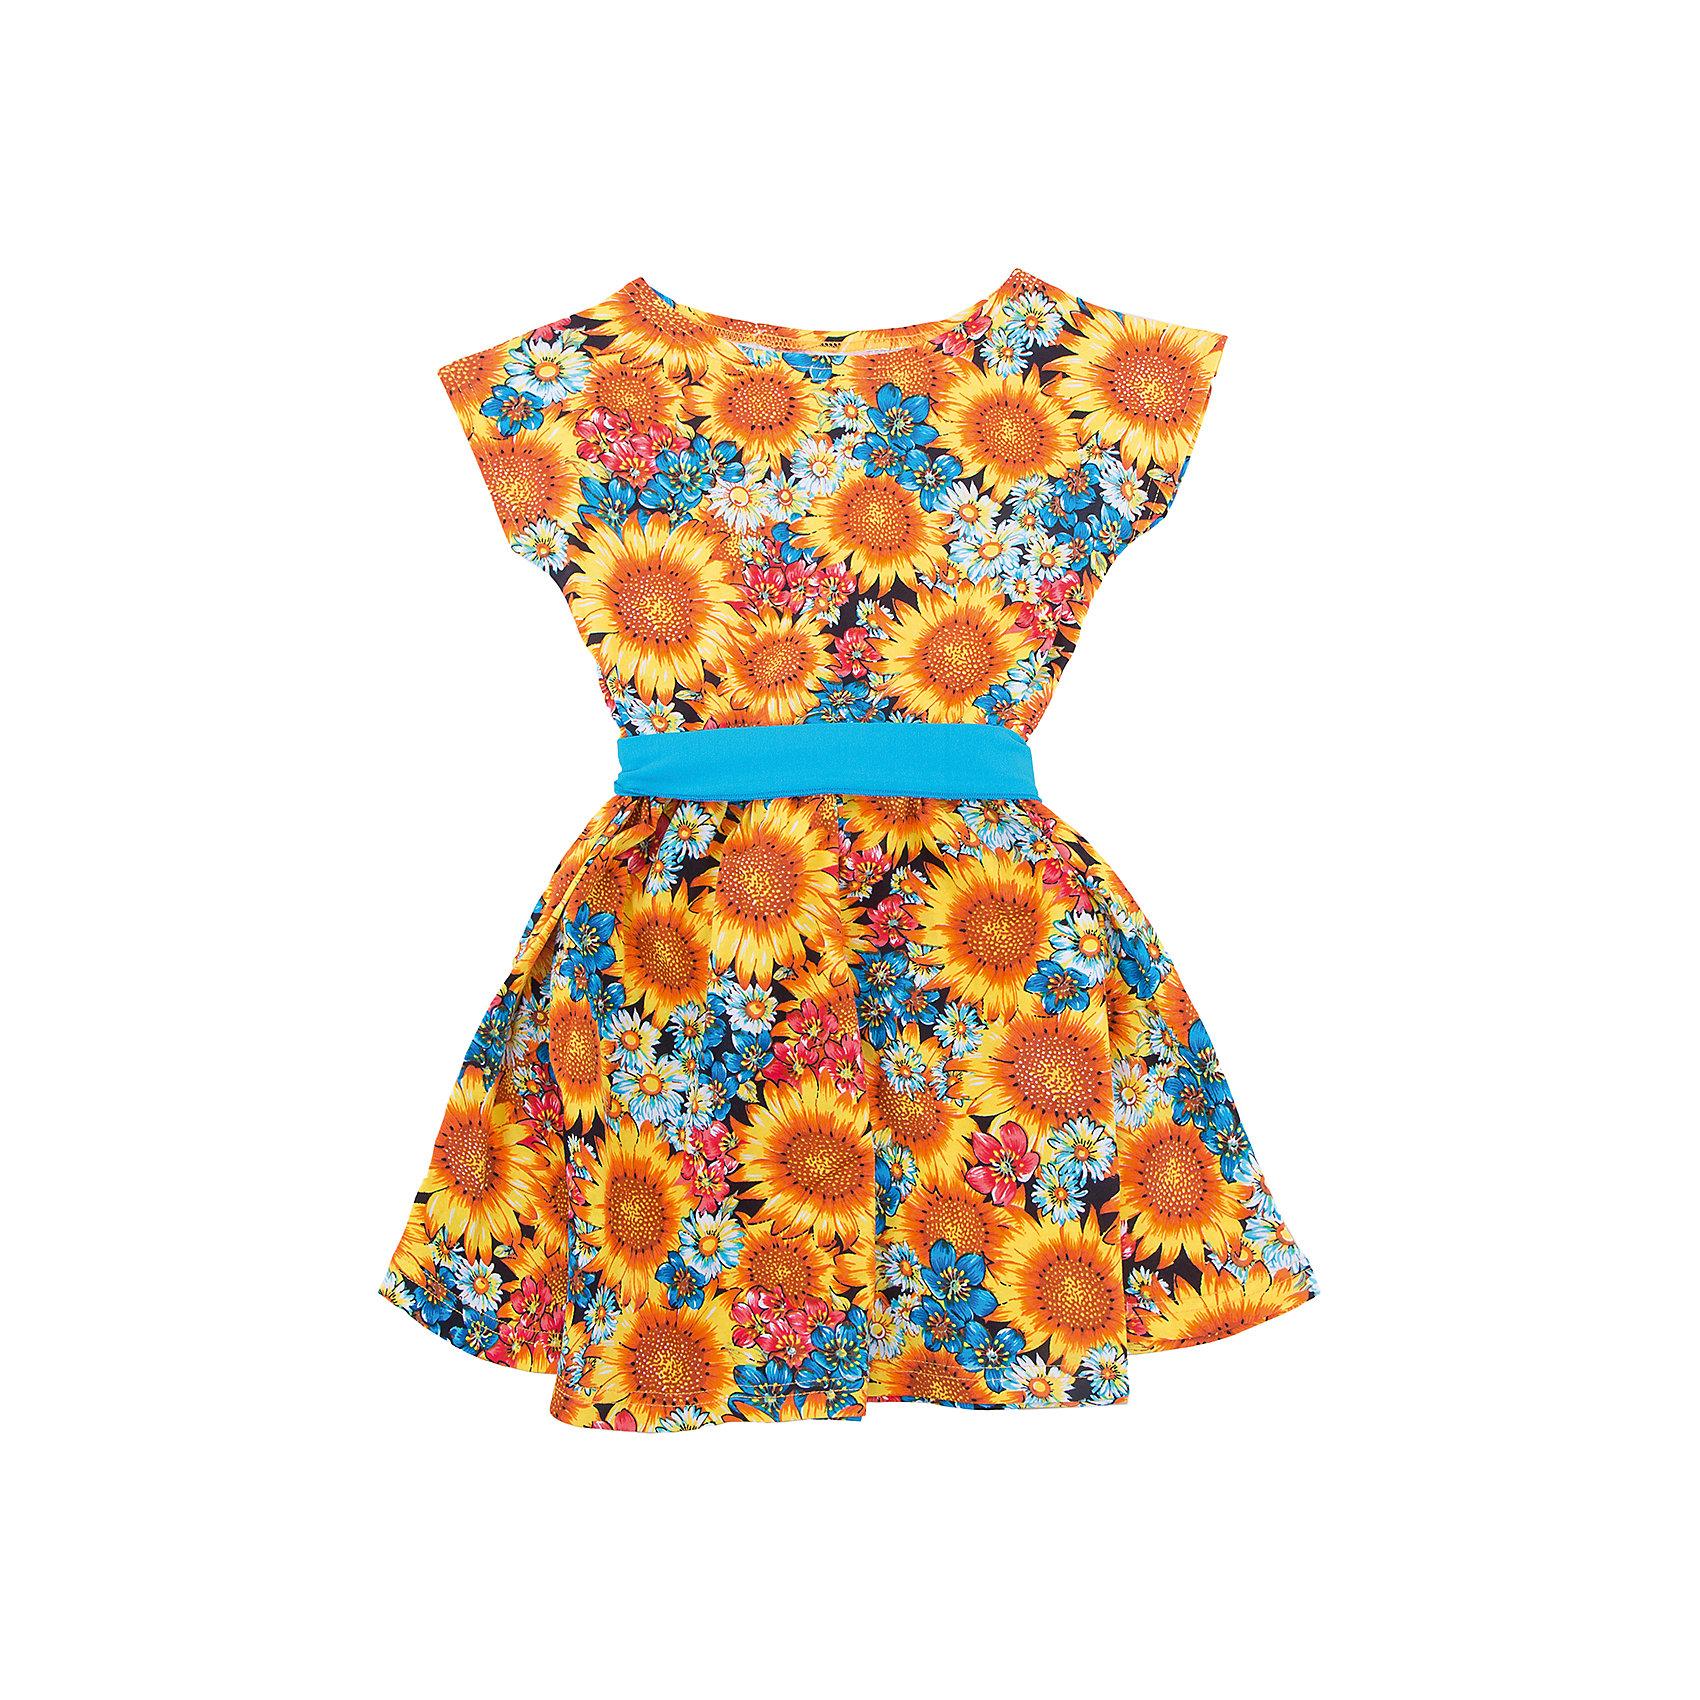 Платье для девочки АпрельПлатье для девочки от известного бренда Апрель.<br>Очаровательное летнее платье, выполненное их тонкого хлопкового полотна. Приятное на ощупь, не сковывает движения, обеспечивая наибольший комфорт. Изделие с короткими рукавами, декорировано поясом контрастного цвета. Отличный вариант для прогулки и праздника! Рекомендуется машинная стирка при температуре 40 градусов без предварительного замачивания изделия.<br>Состав:<br>хлопок 100%<br><br>Ширина мм: 236<br>Глубина мм: 16<br>Высота мм: 184<br>Вес г: 177<br>Цвет: разноцветный<br>Возраст от месяцев: 108<br>Возраст до месяцев: 120<br>Пол: Женский<br>Возраст: Детский<br>Размер: 140,98,104,110,116,122,128,134<br>SKU: 5439116